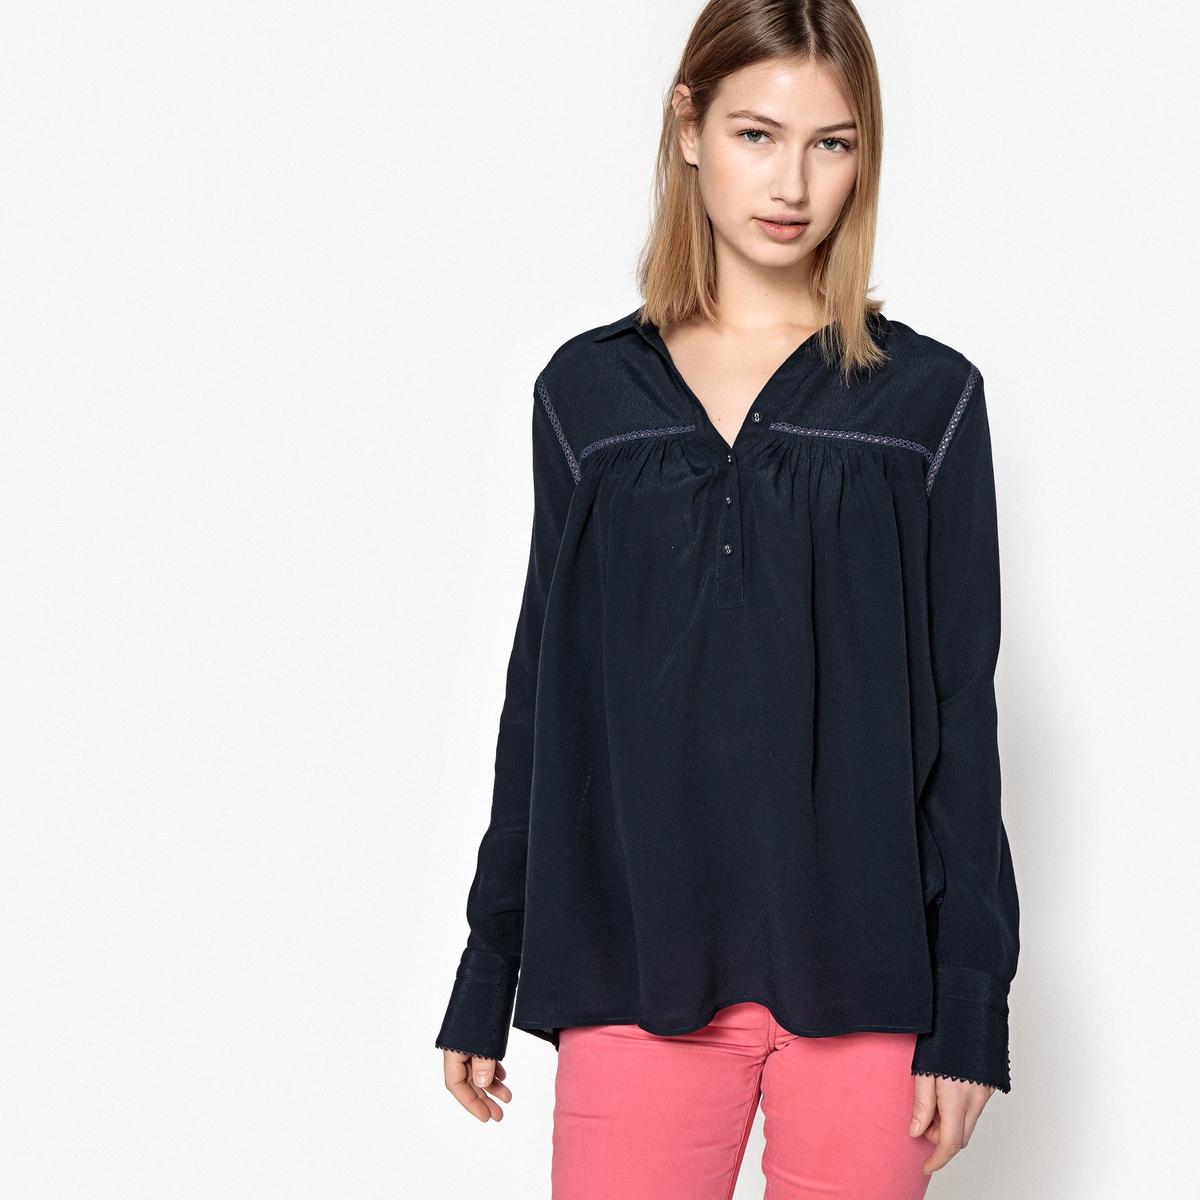 Блузка с длинными рукавами TARCIAОписание:Детали •  Длинные рукава •  Прямой покрой •  Воротник-поло, рубашечныйСостав и уход •  100% вискоза •  Следуйте рекомендациям по уходу, указанным на этикетке изделия<br><br>Цвет: темно-синий<br>Размер: S